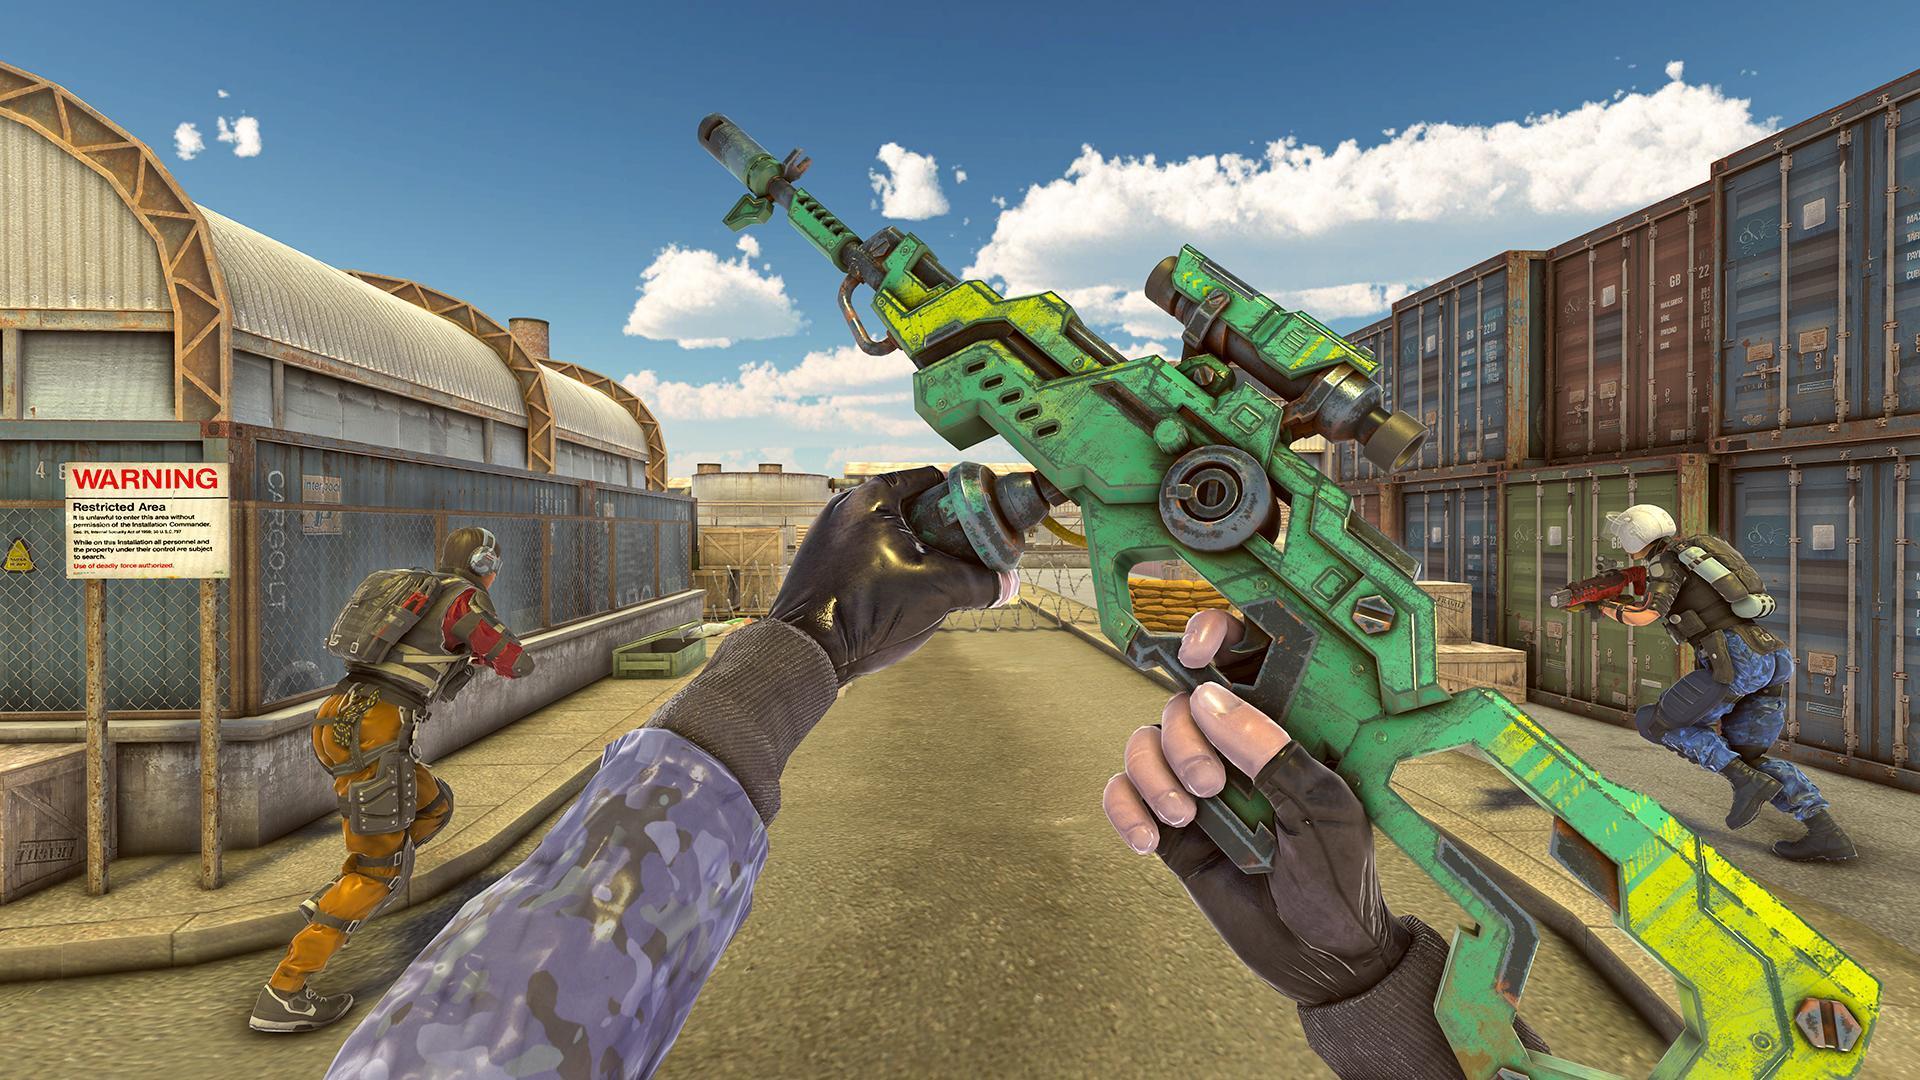 Legend Fire Battleground Shooting Game 1.9 Screenshot 4